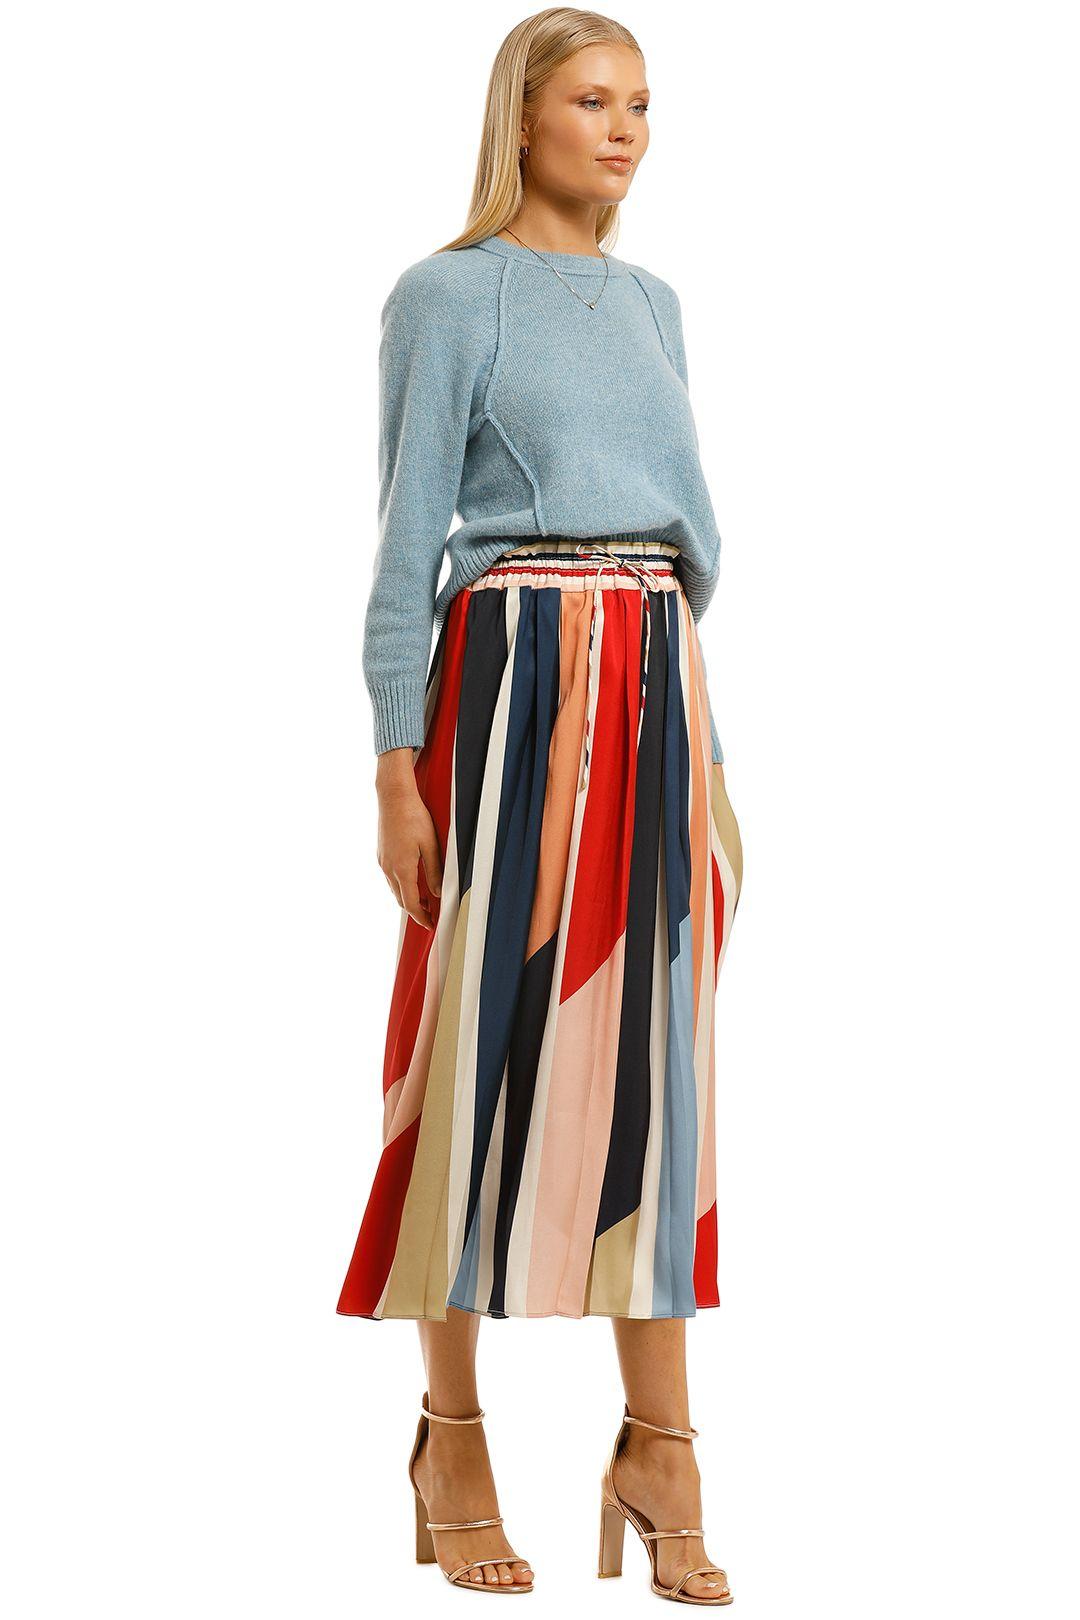 Cooper-St-Charlie-Pleated-Skirt-Print-Light-Side